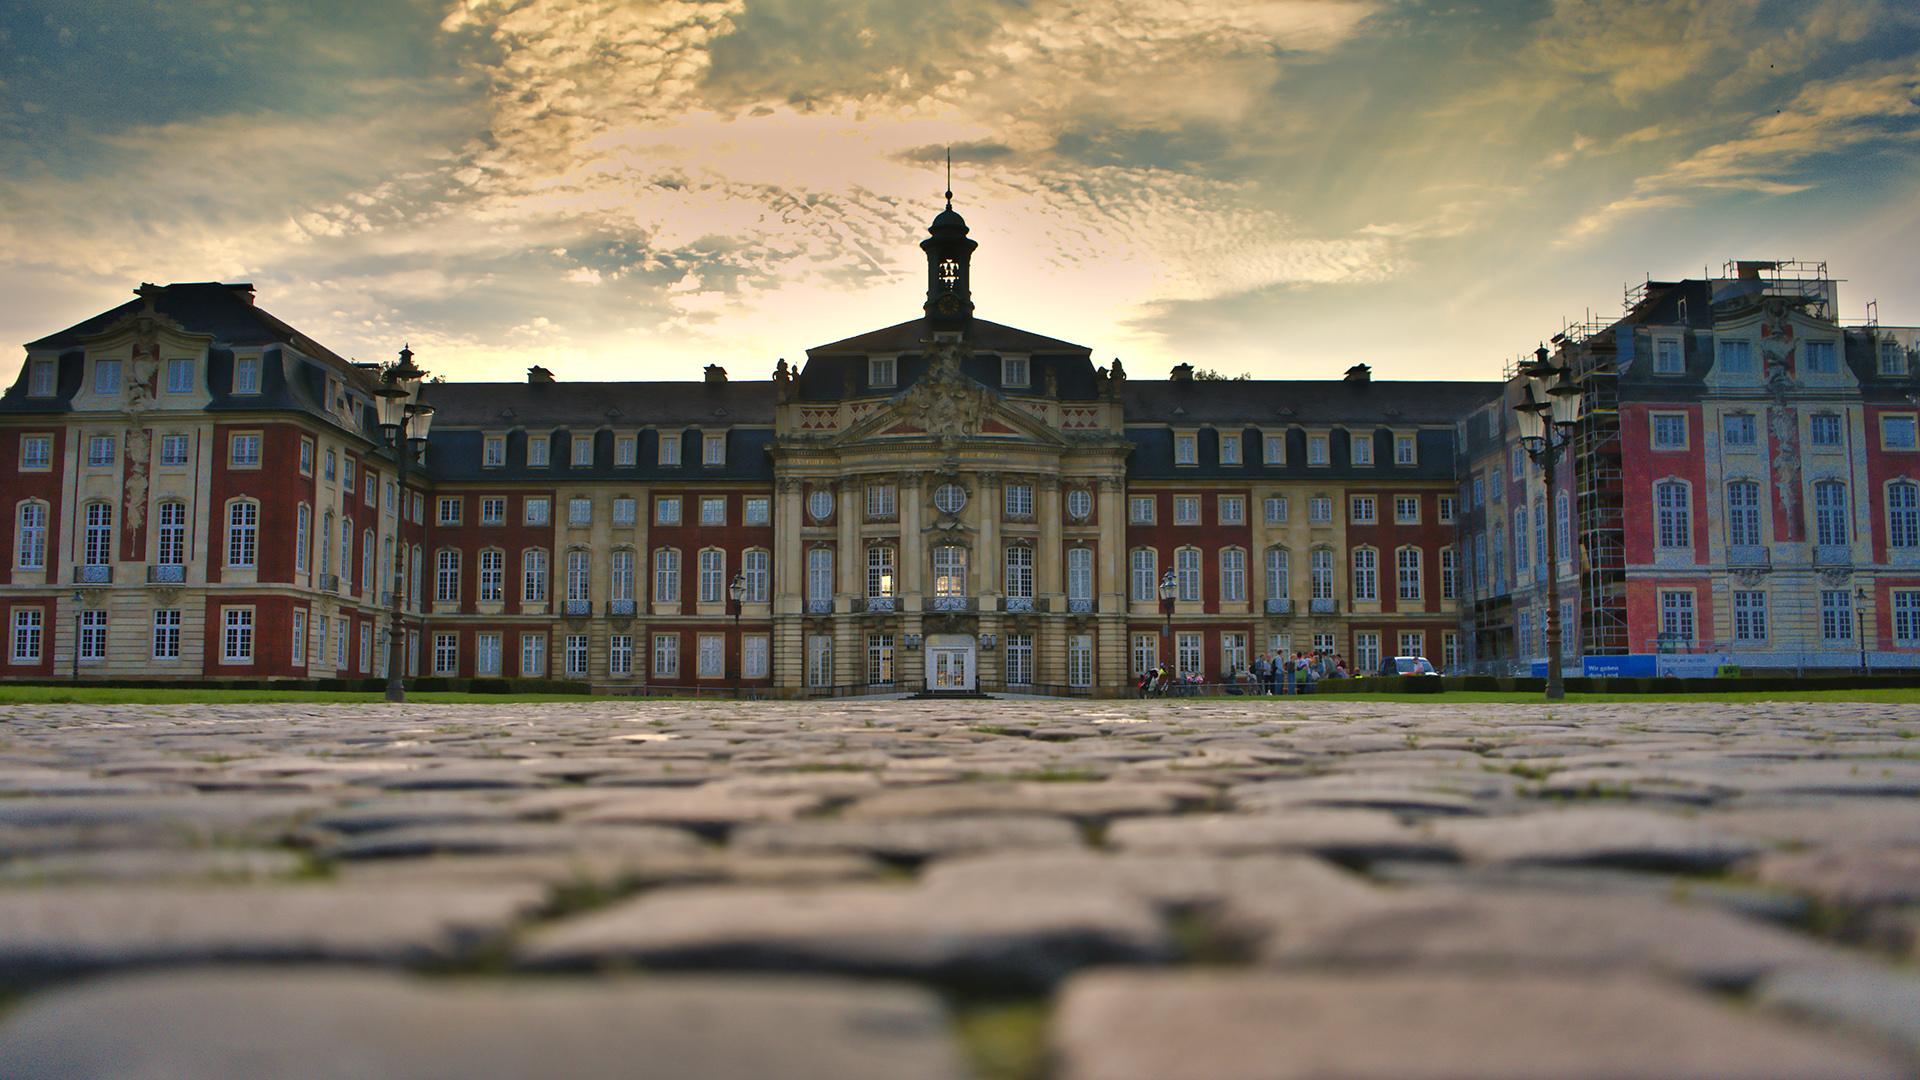 Die Westfälische Willhelms Universität im Schloss von Münster